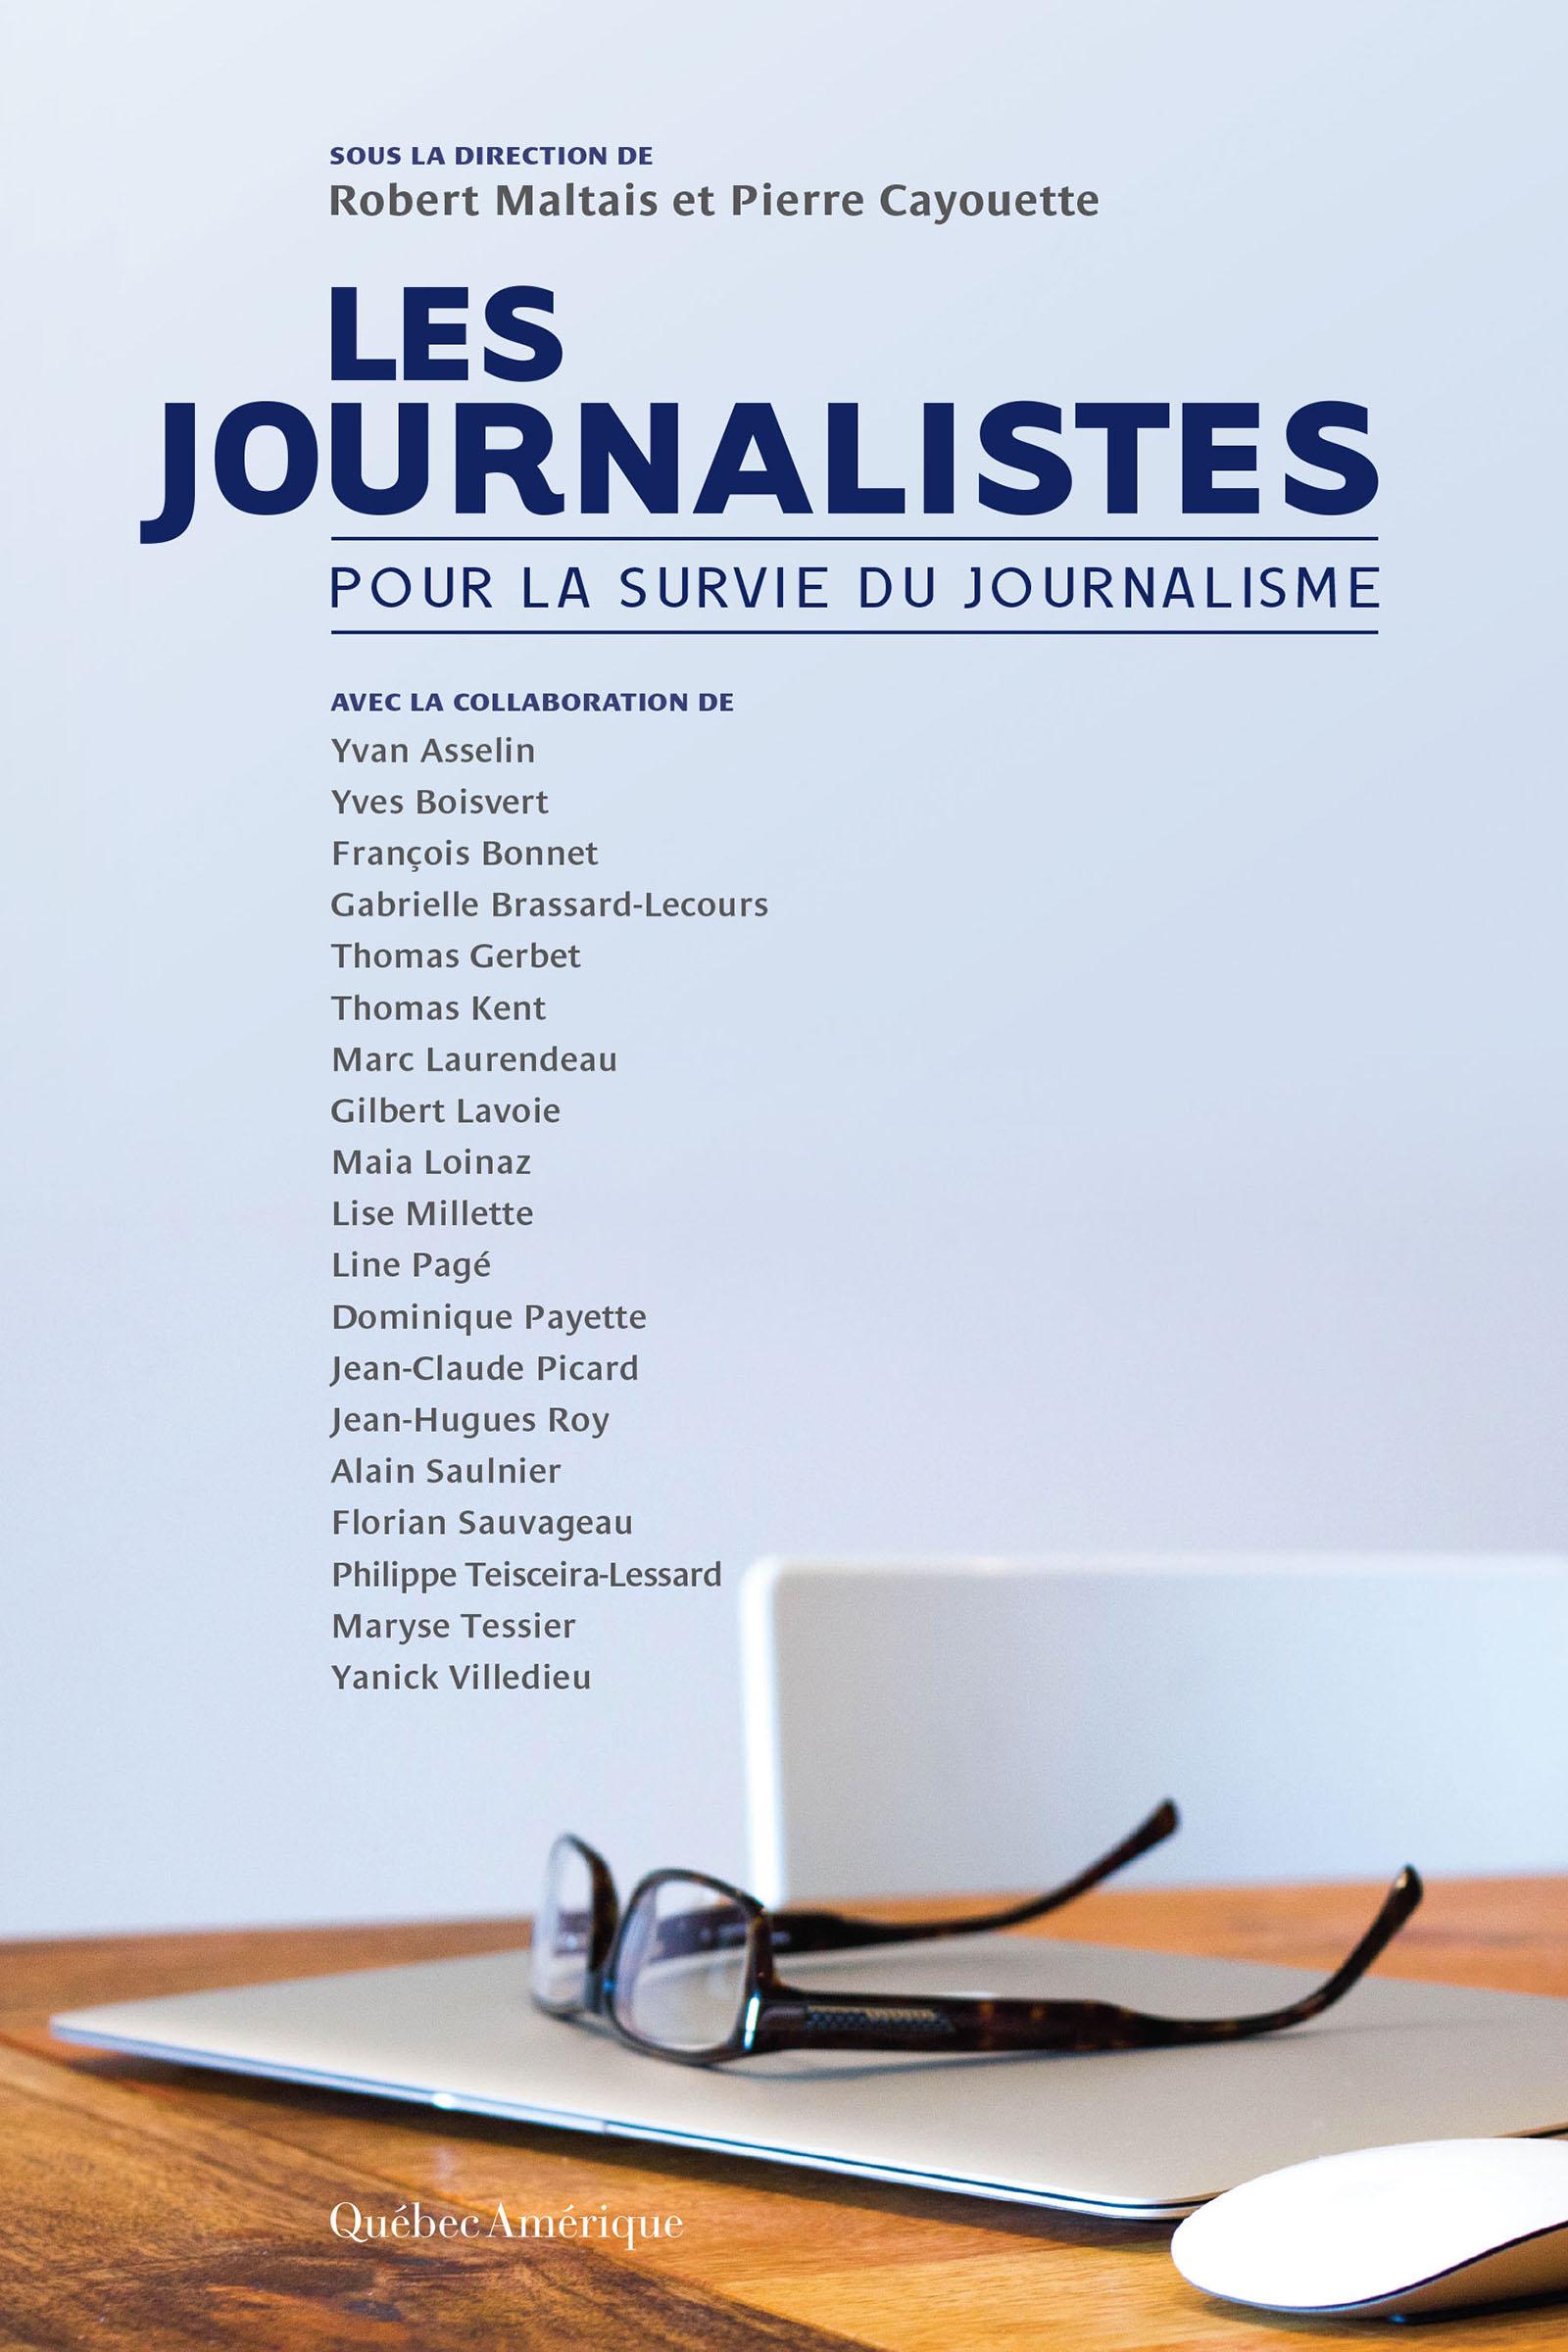 Couverture : Les journalistes: pour la survie du journalisme Robert Maltais, Pierre Cayouette